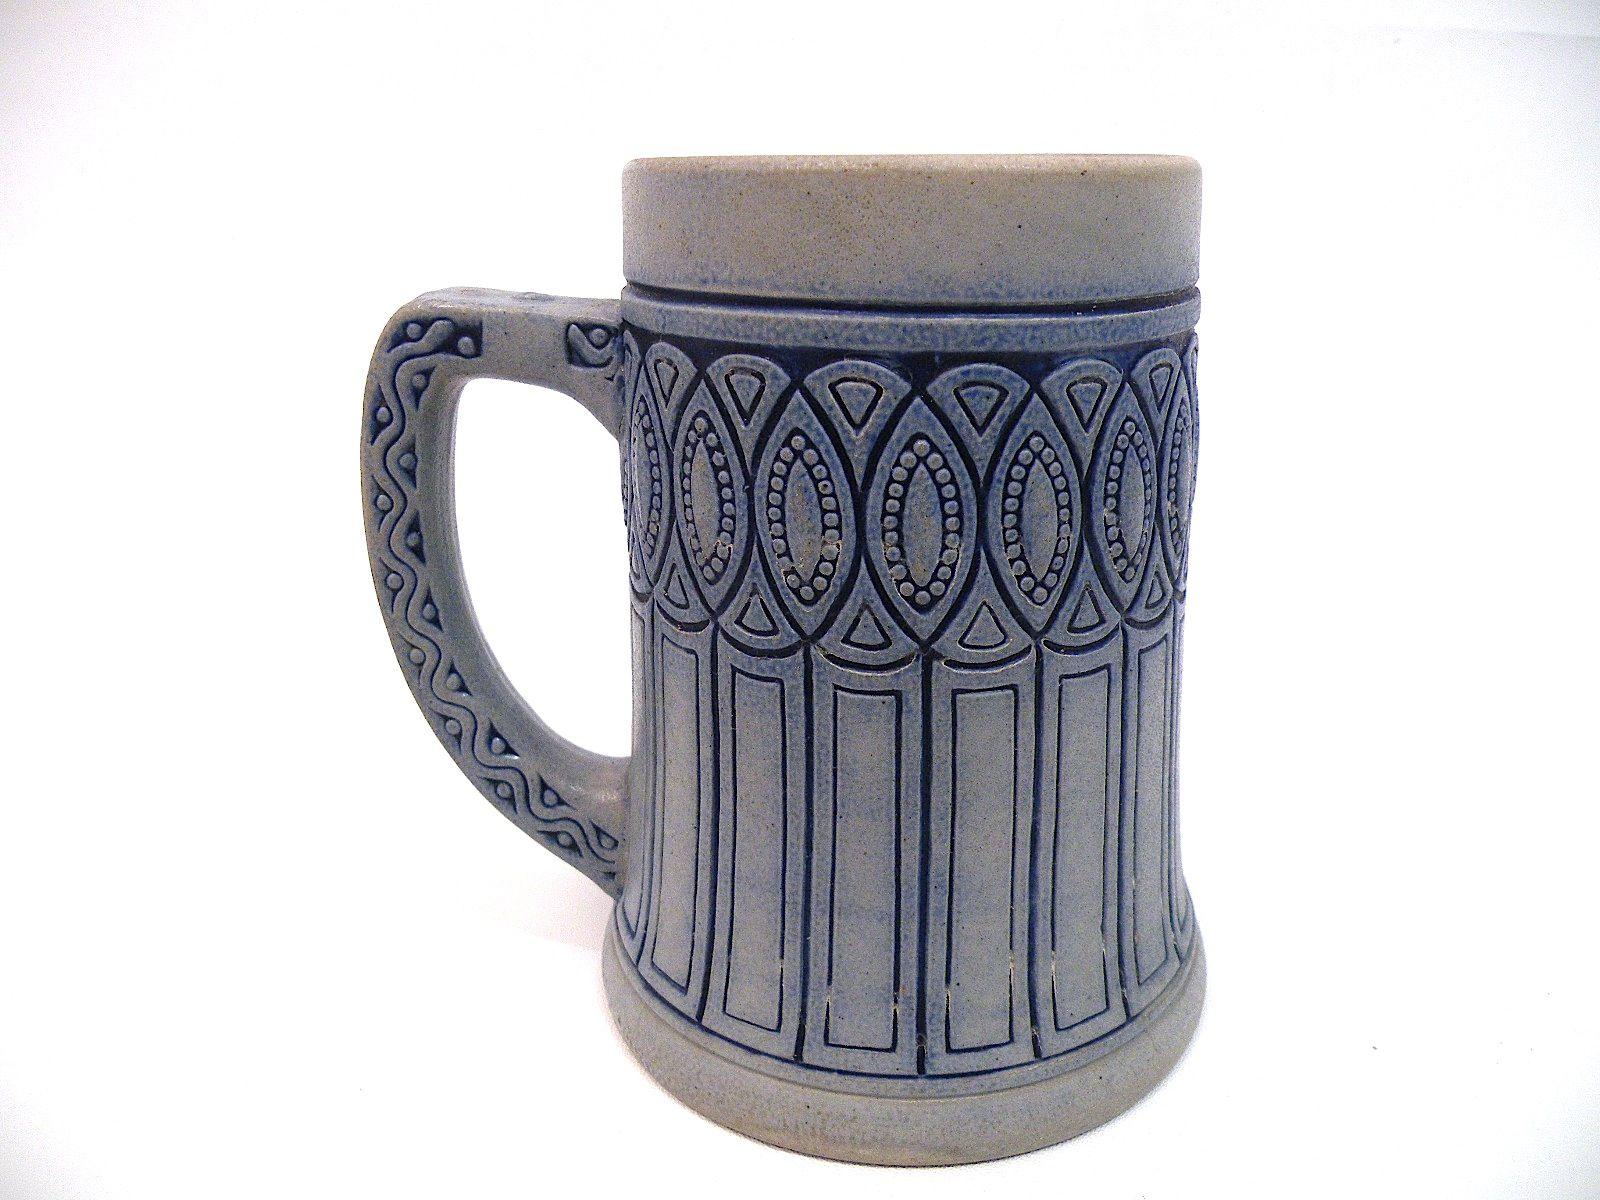 Jugendstil Bierkrug um 1910 Keramik Beer Mug Stein $25.00 ...